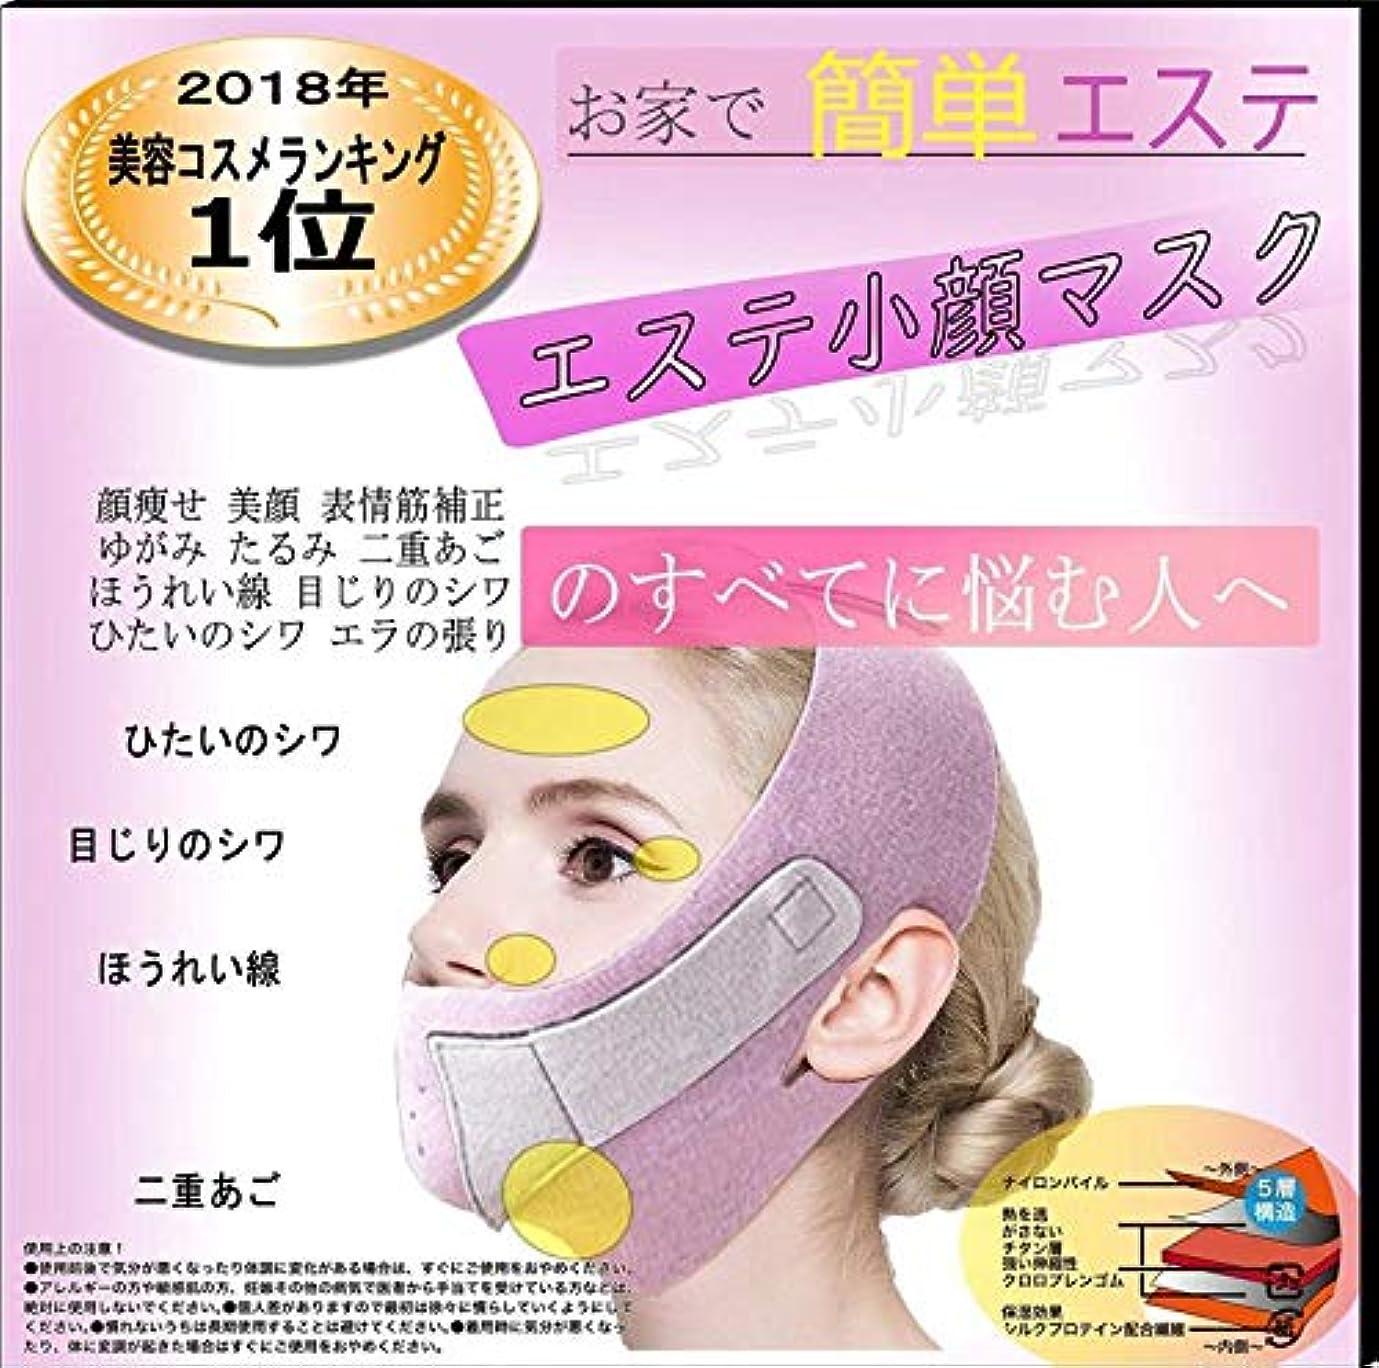 ばかポンペイシリーズフェイスラインベルト 引き上げマスク 弾力V-ラインマスク 引っ張る 額、顎下、頬リフトアップ 小顔 美顔 矯正 顔痩せ 最新型 小顔マスク 豊齢線予防 頬のたるみ 抗シワ 美顔 Lサイズ ピンク